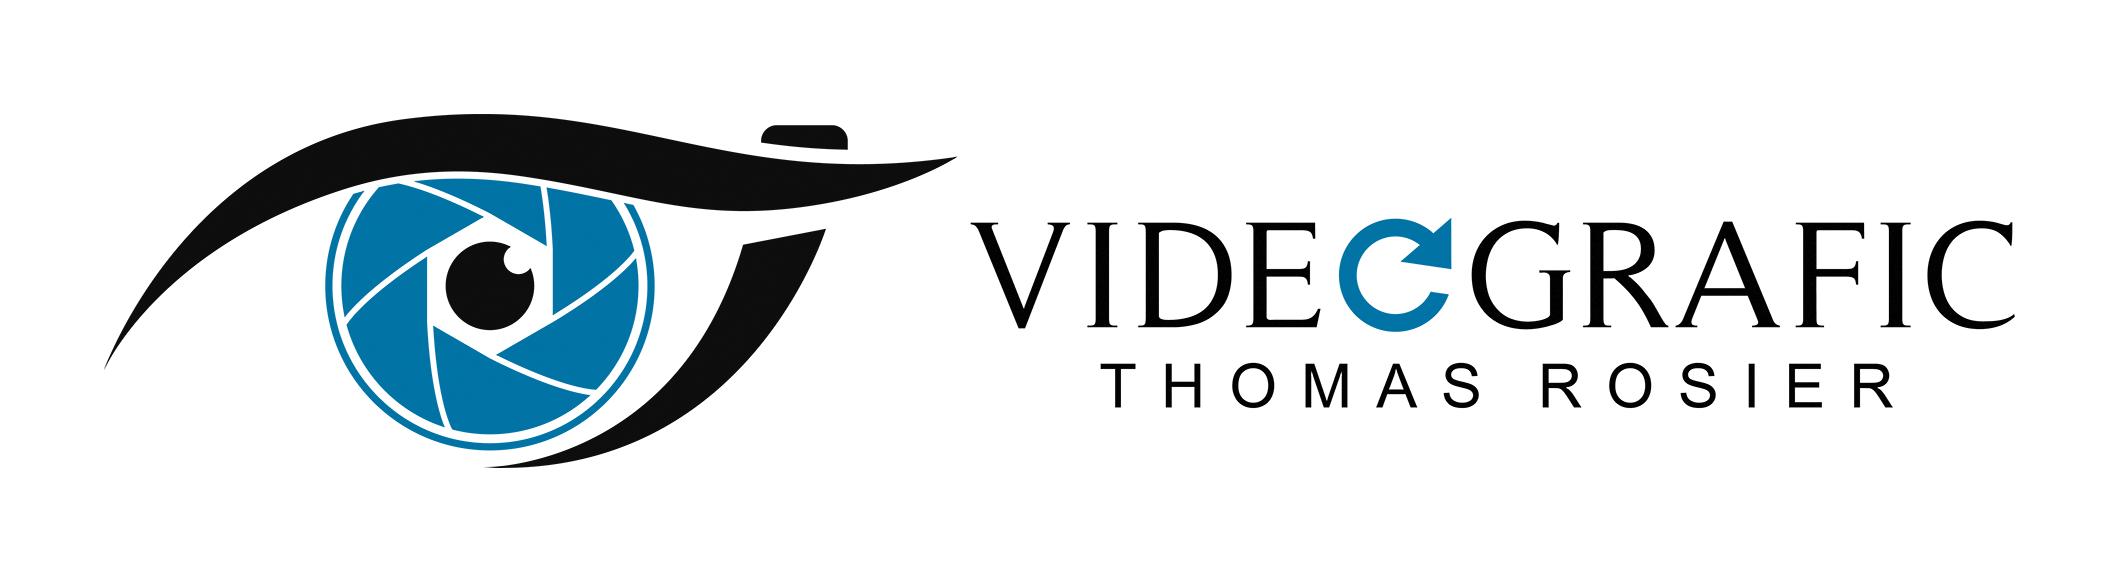 Videografic